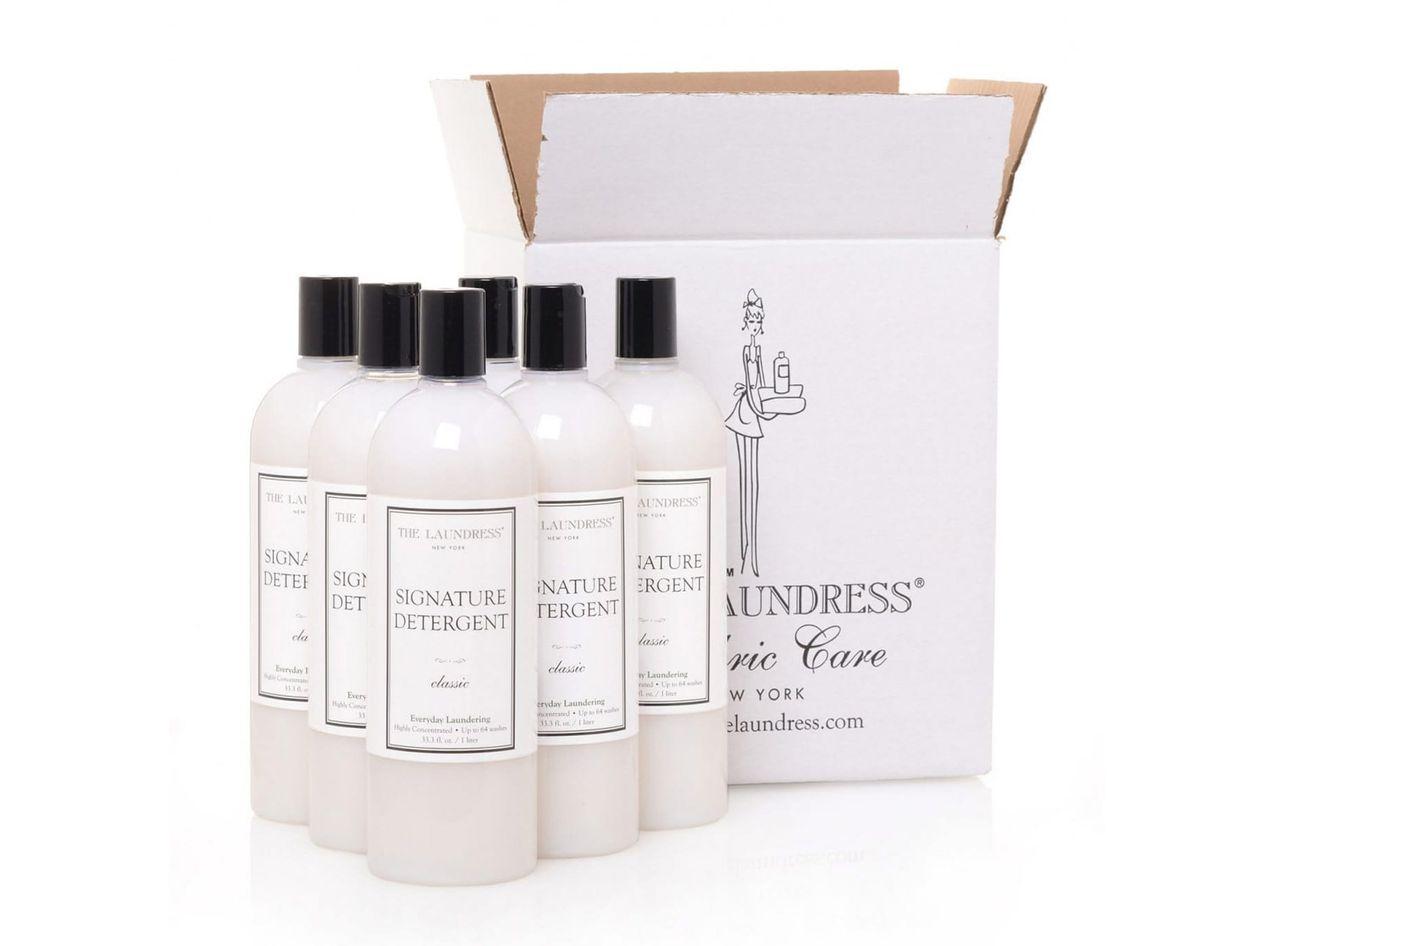 The Laundress Signature Detergent, Six Bottles